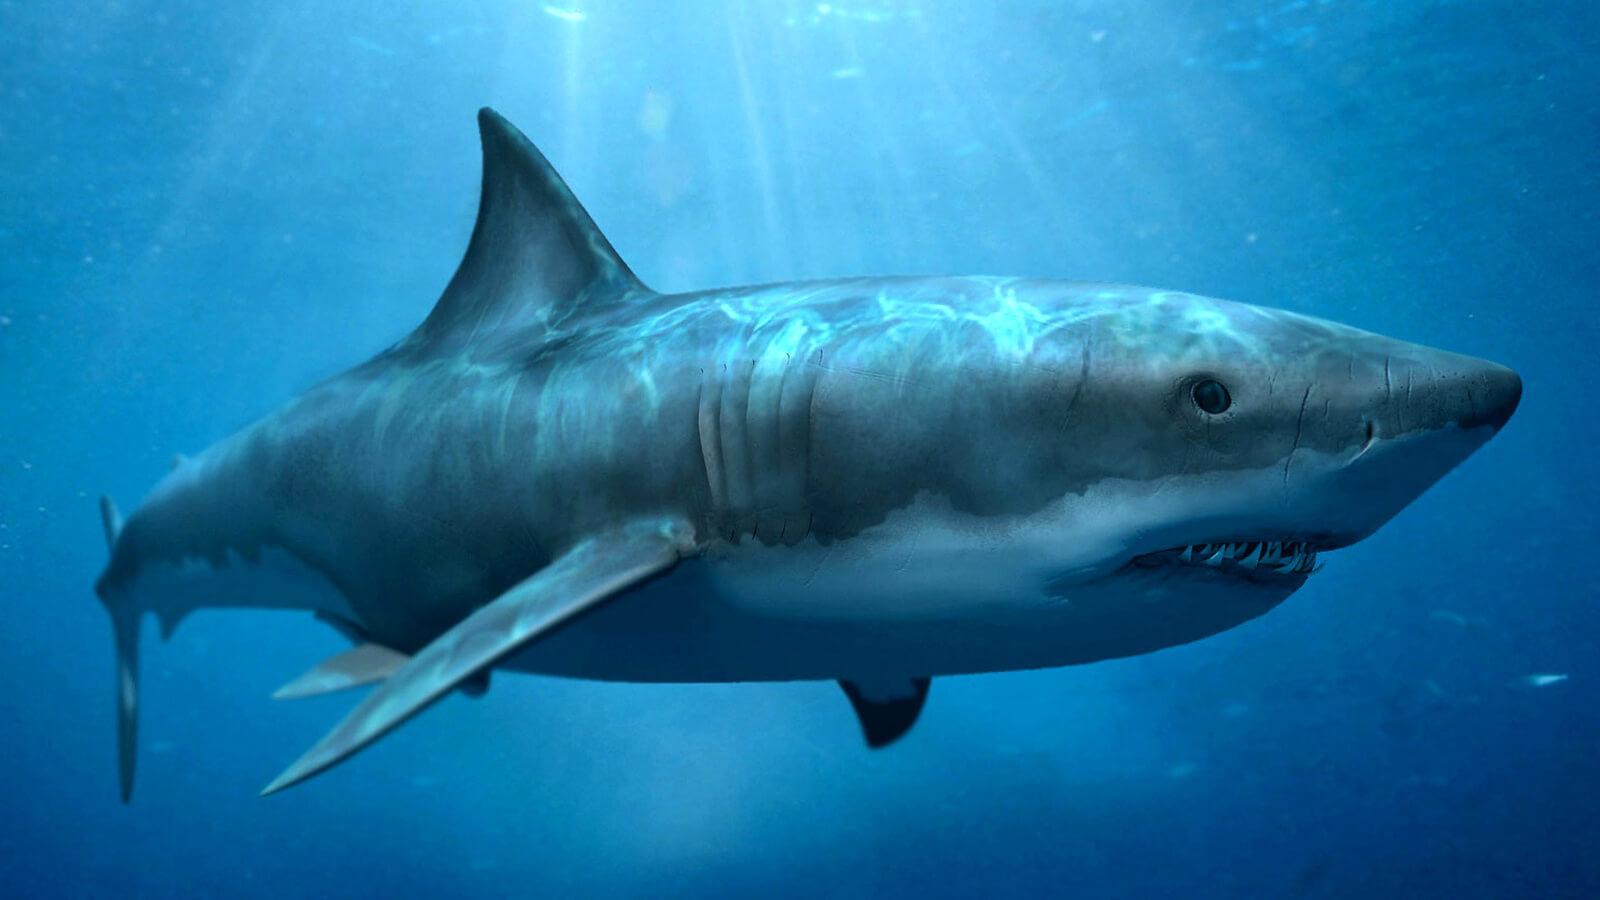 правая, картинка про самую большую акулу в мире того, каштановый